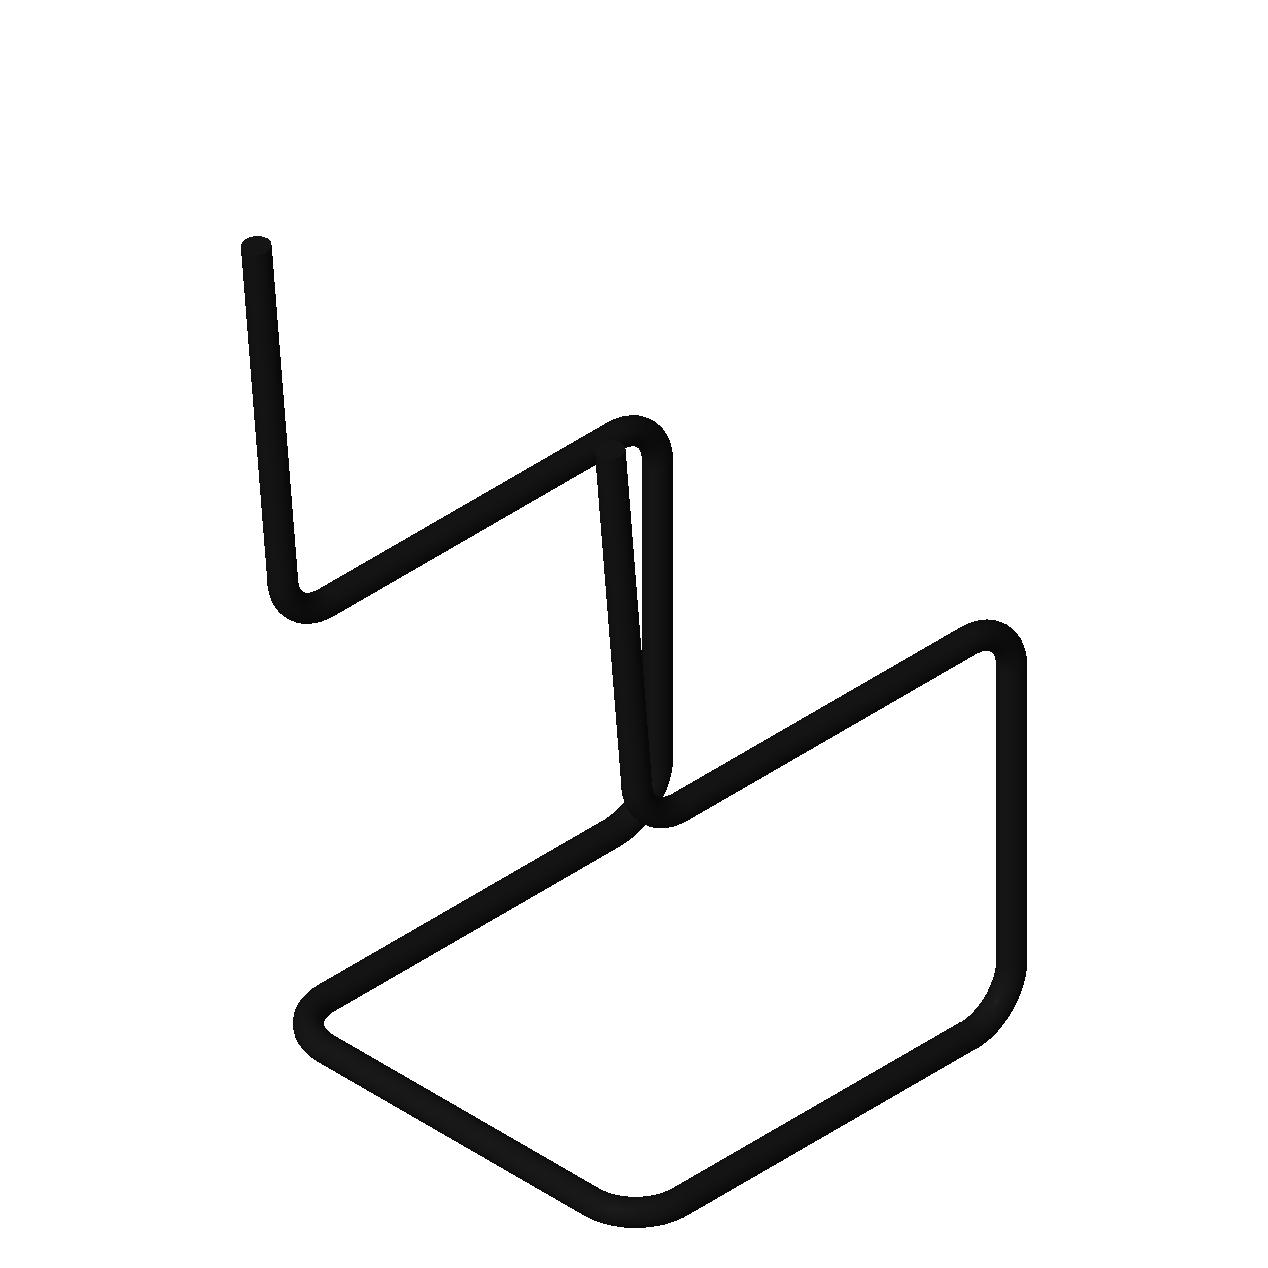 #666666 Content Roundtrip) Chair Breuer Chair Breuer Chair Expensive 4653 Janela De Aluminio 100 X 150